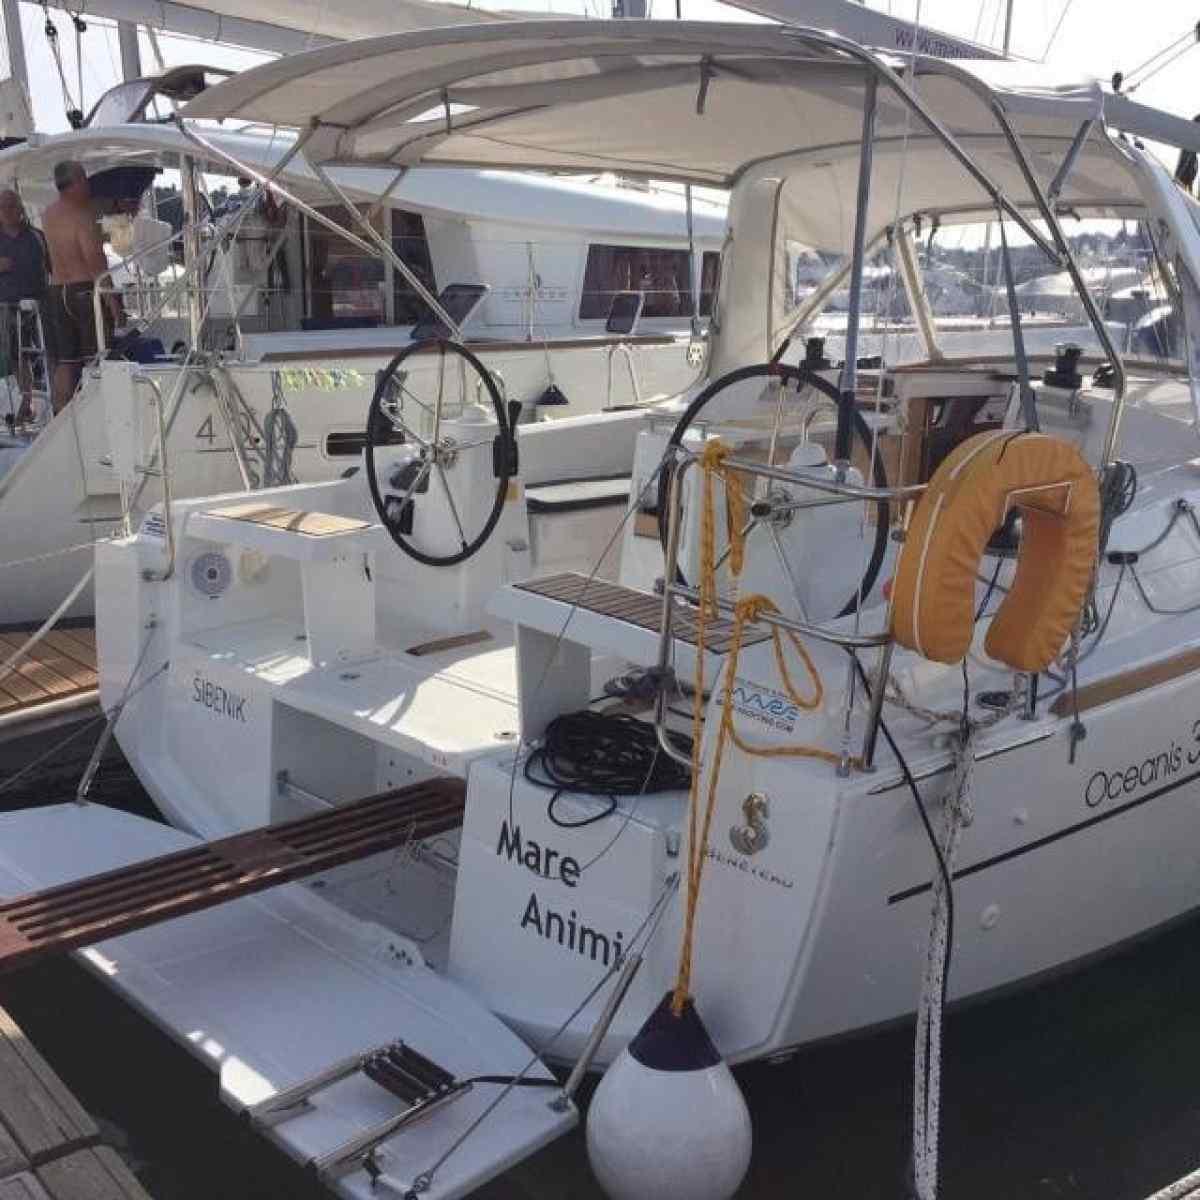 Mare-Animi-Oceanis-35-aussen